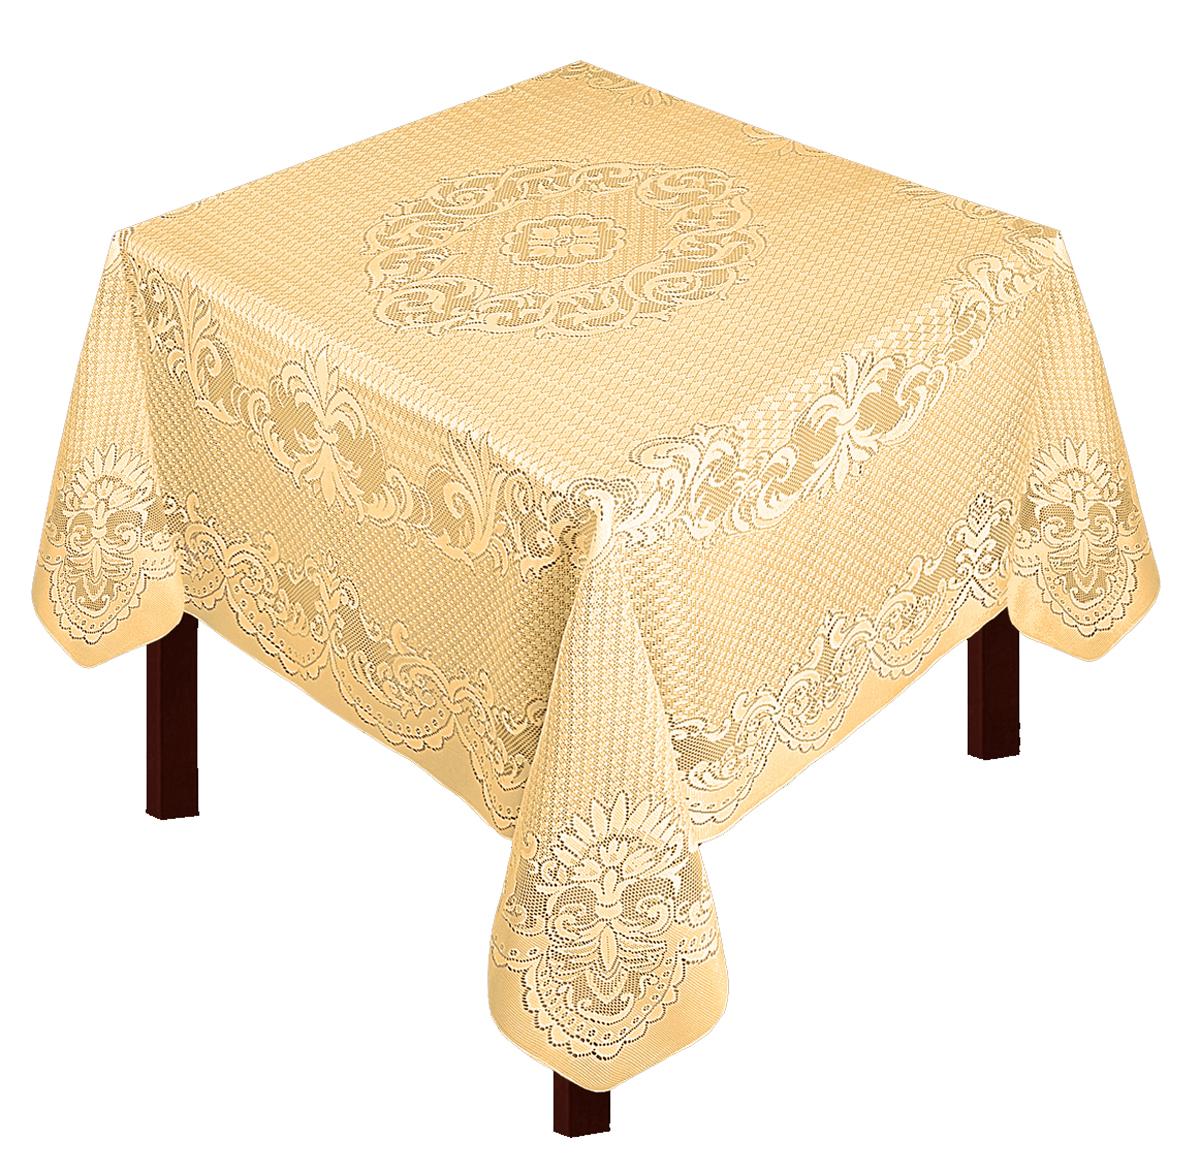 Скатерть Zlata Korunka, прямоугольная, цвет: золотистый, 175 х 165 смВетерок 2ГФСкатерть выполнена из полиэстера жаккардового переплетения, не скользит со стола, легко стирается и прослужит Вам долгое время. Скатерть - длина 165 х шир.150